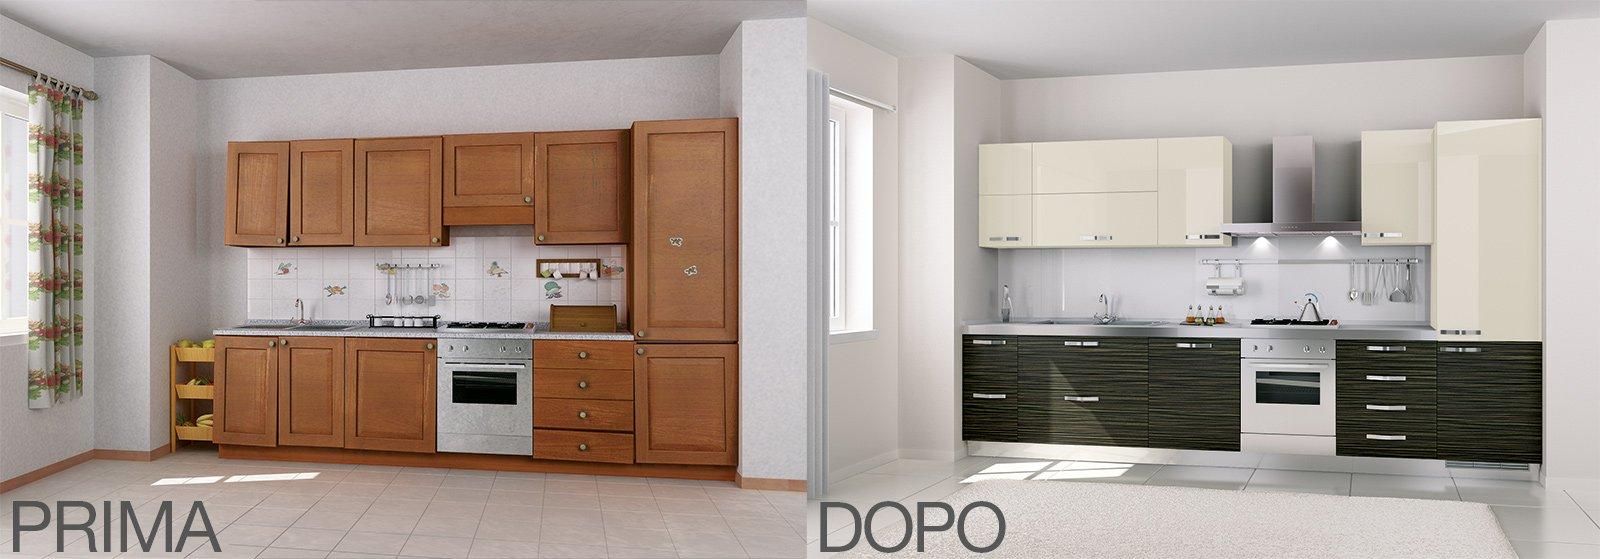 Cucina la trasformo e la personalizzo cos cose di casa - Dove comprare cucina ...